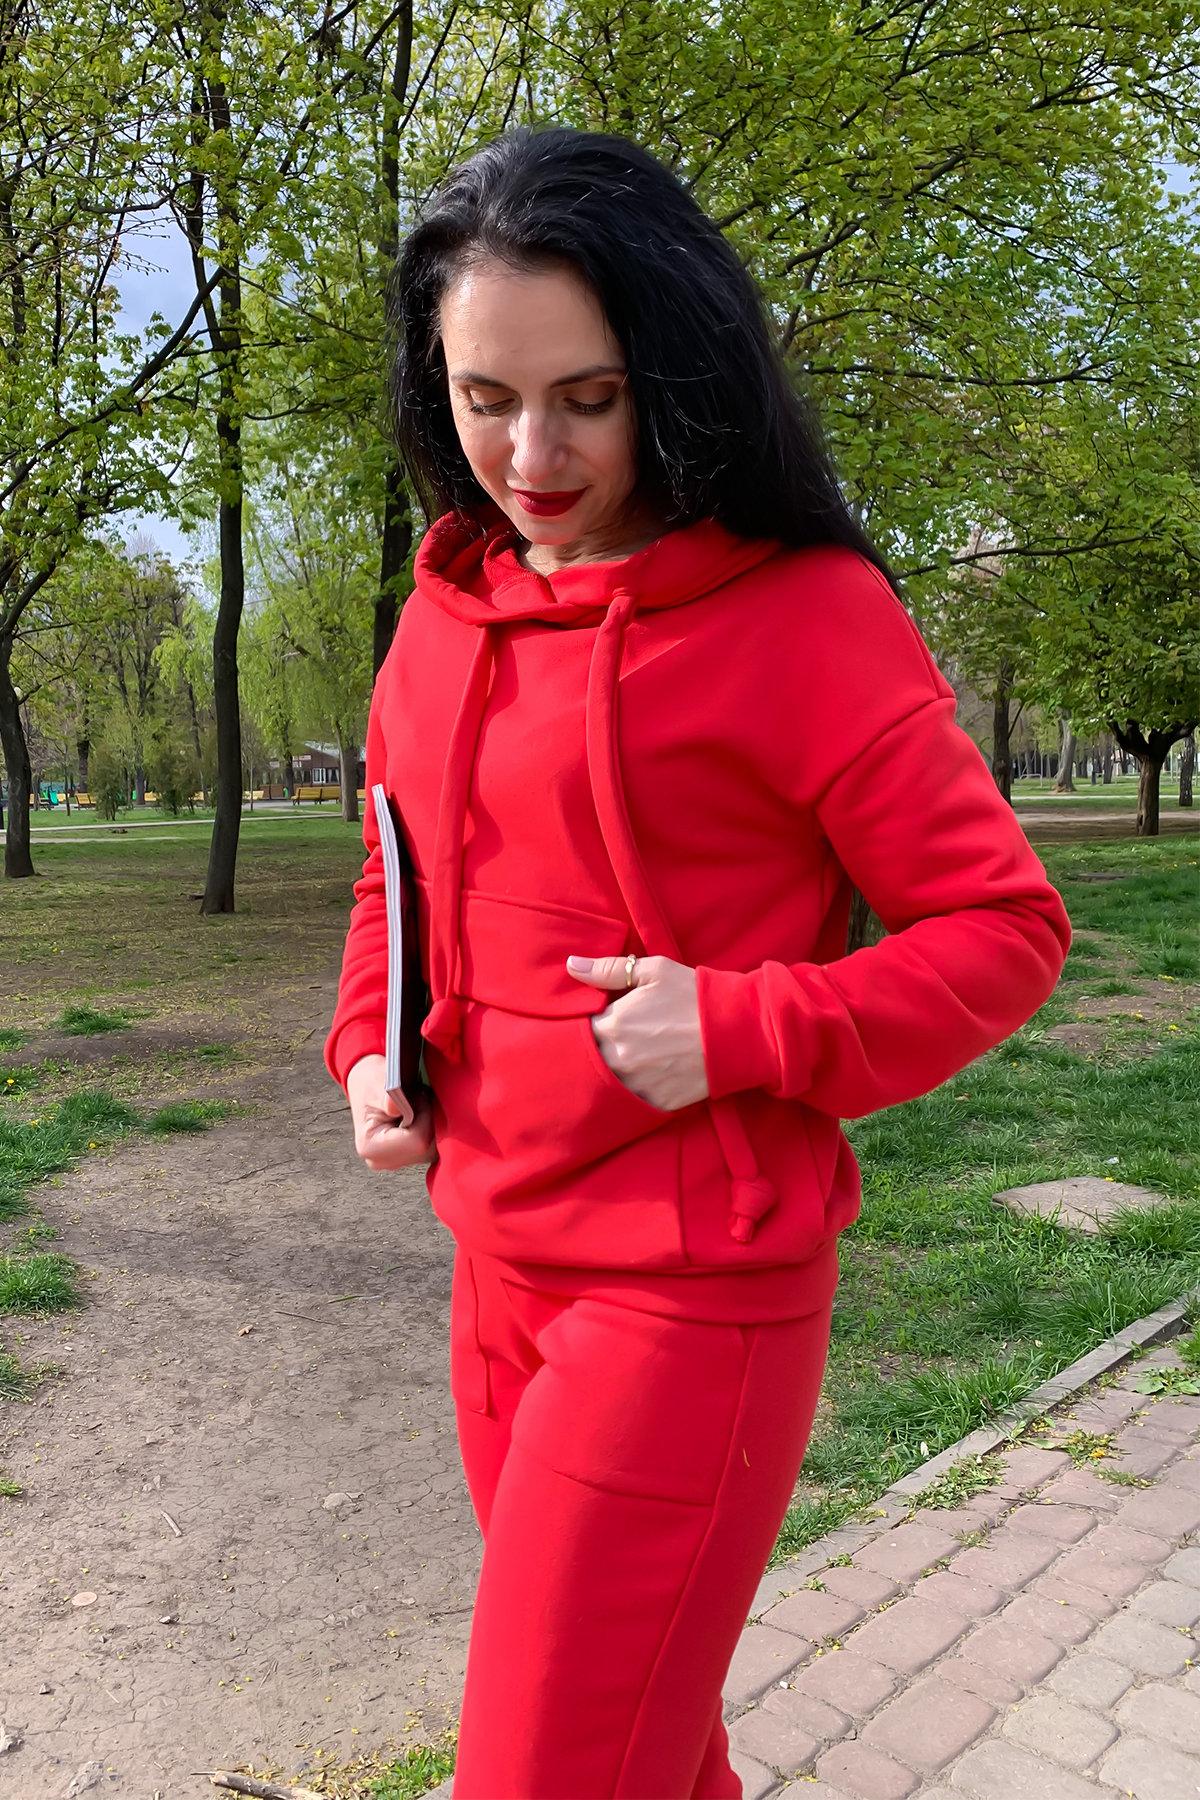 Костюм Бруклин 8996 АРТ. 45486 Цвет: Красный - фото 2, интернет магазин tm-modus.ru